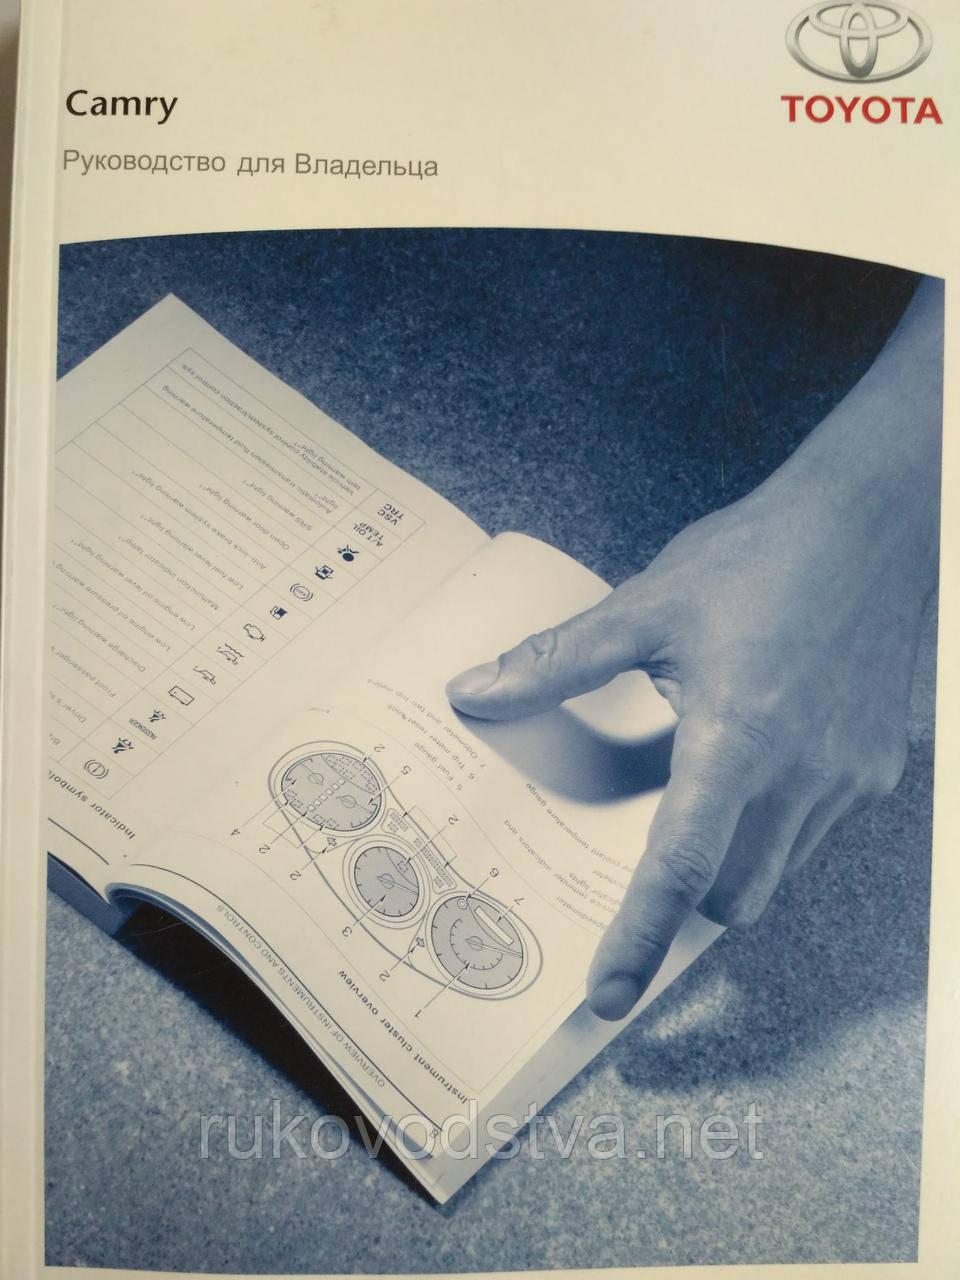 Книга Toyota Camry с 2014 Руководство для владельца